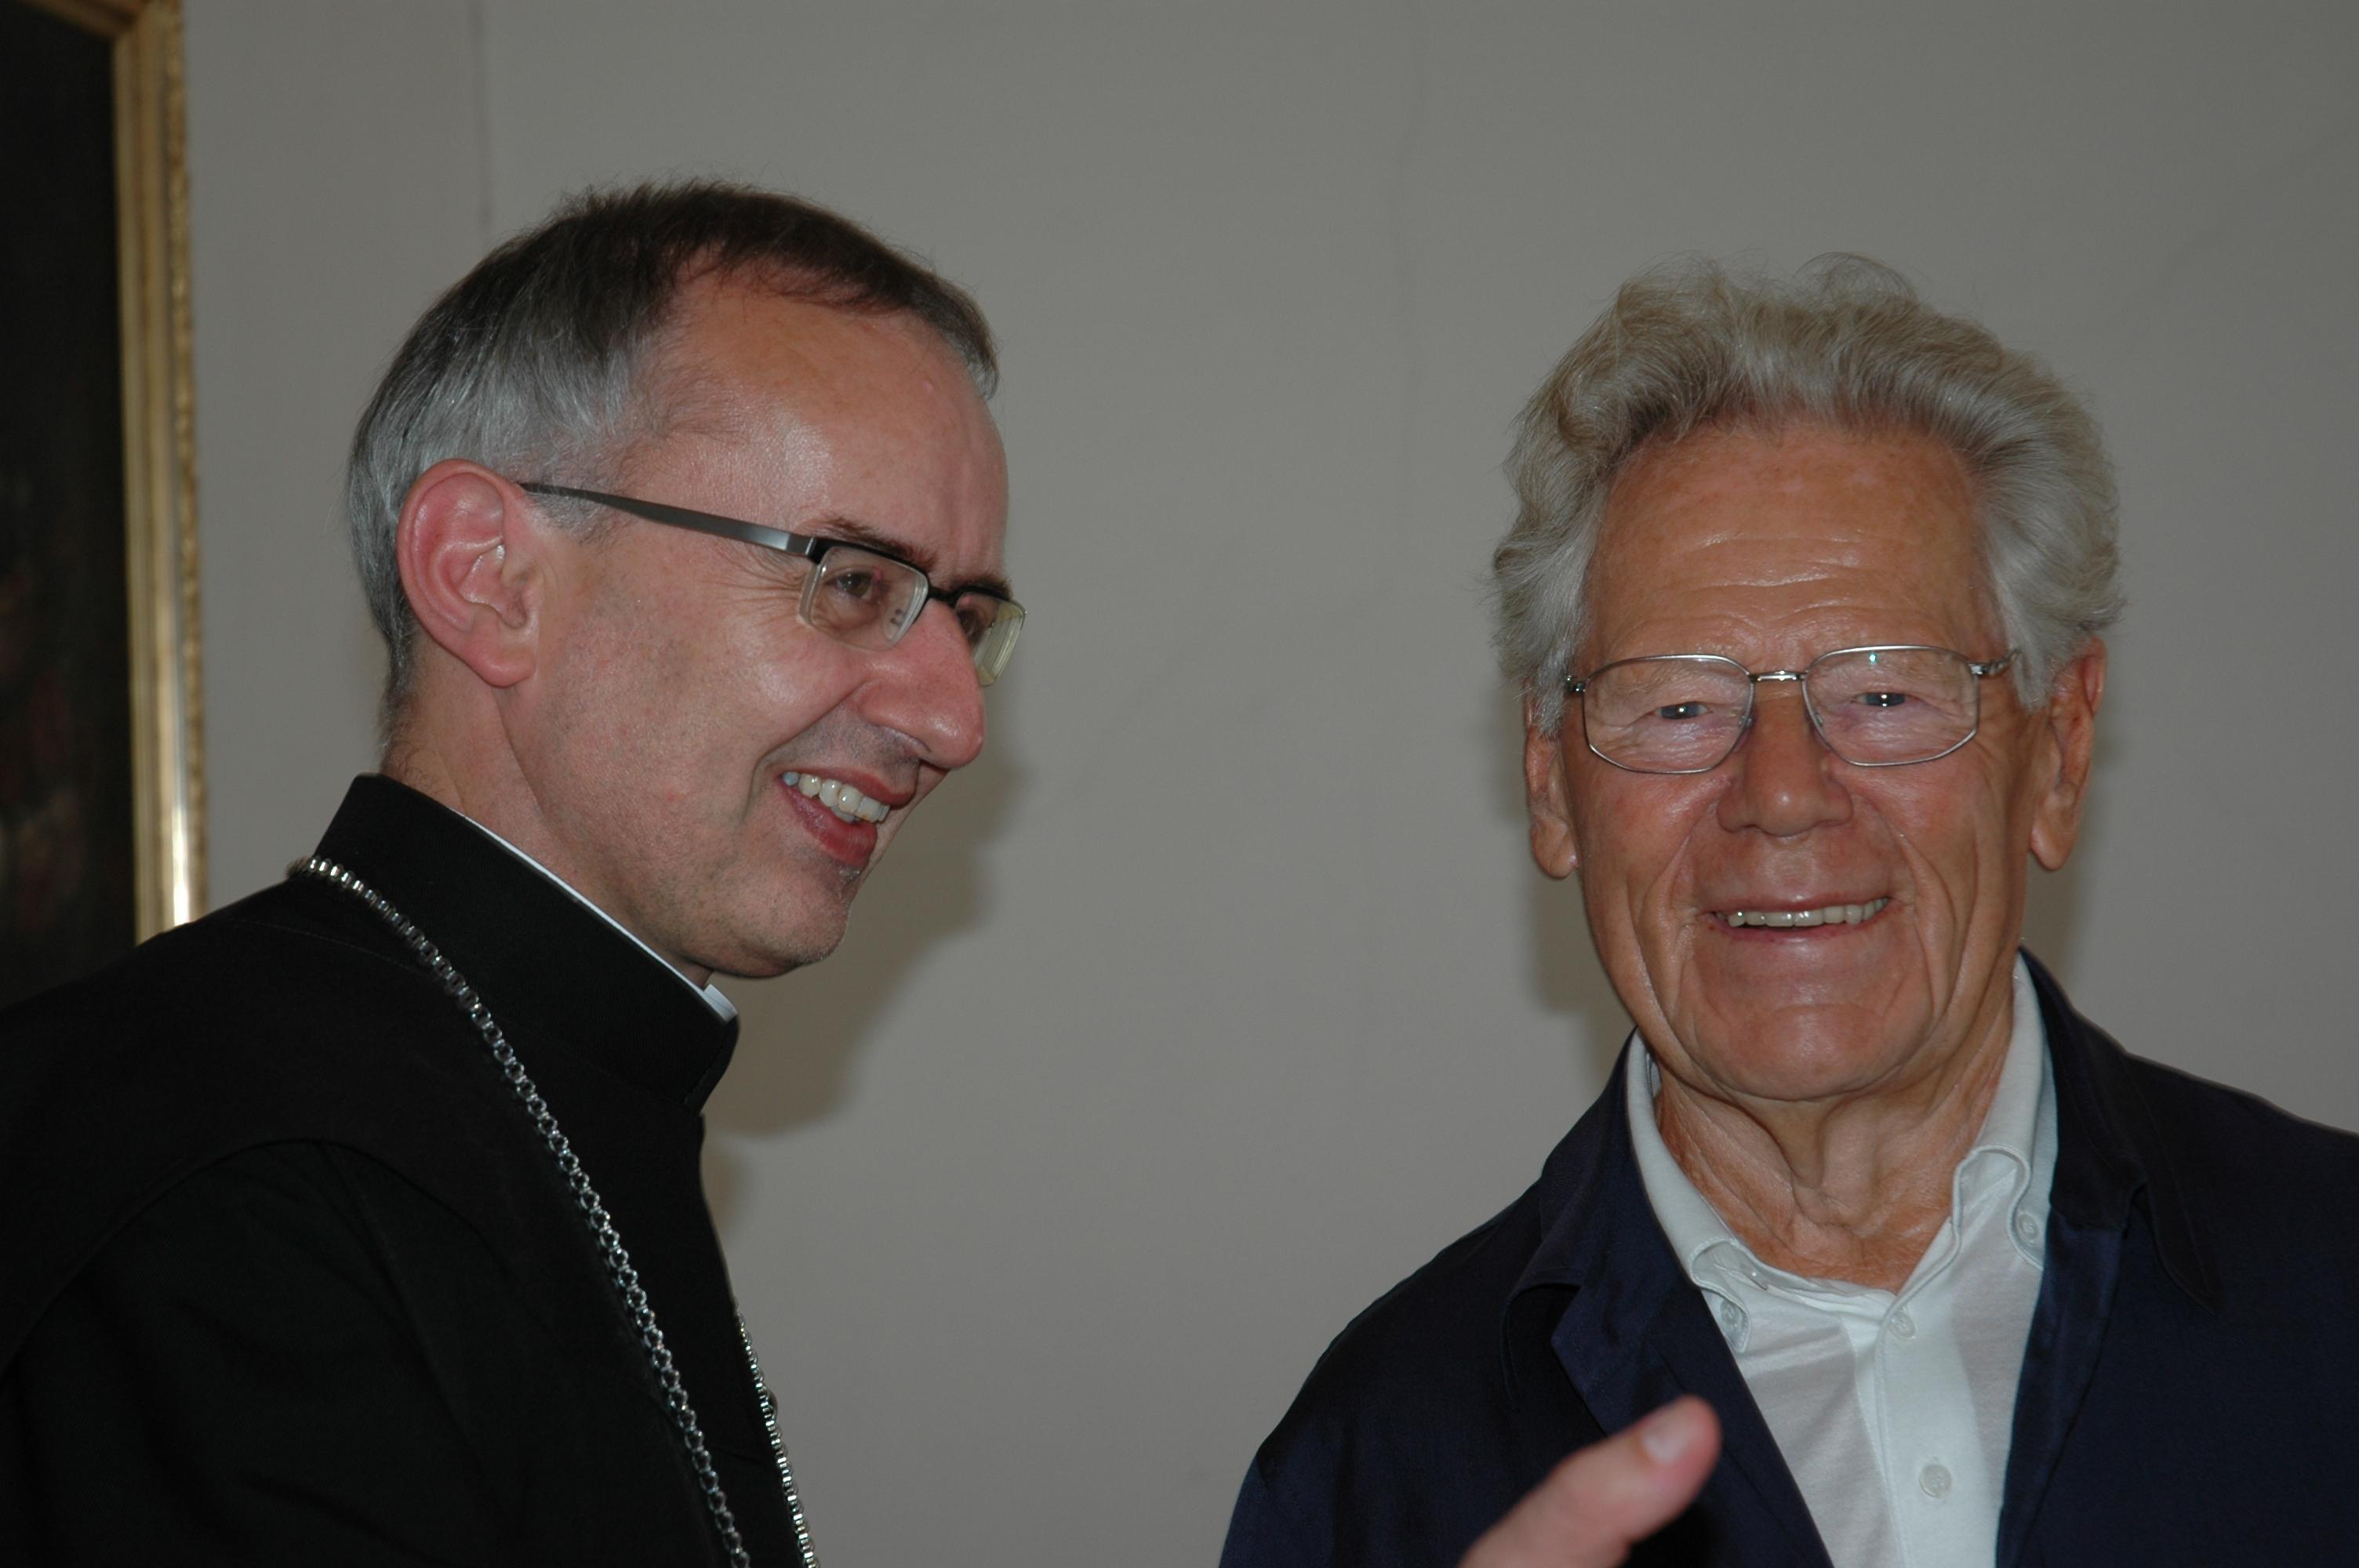 Hans Küng mit Abt Martin im angeregten Gespräch 2011. Foto: Bruder Gerold Zenoni